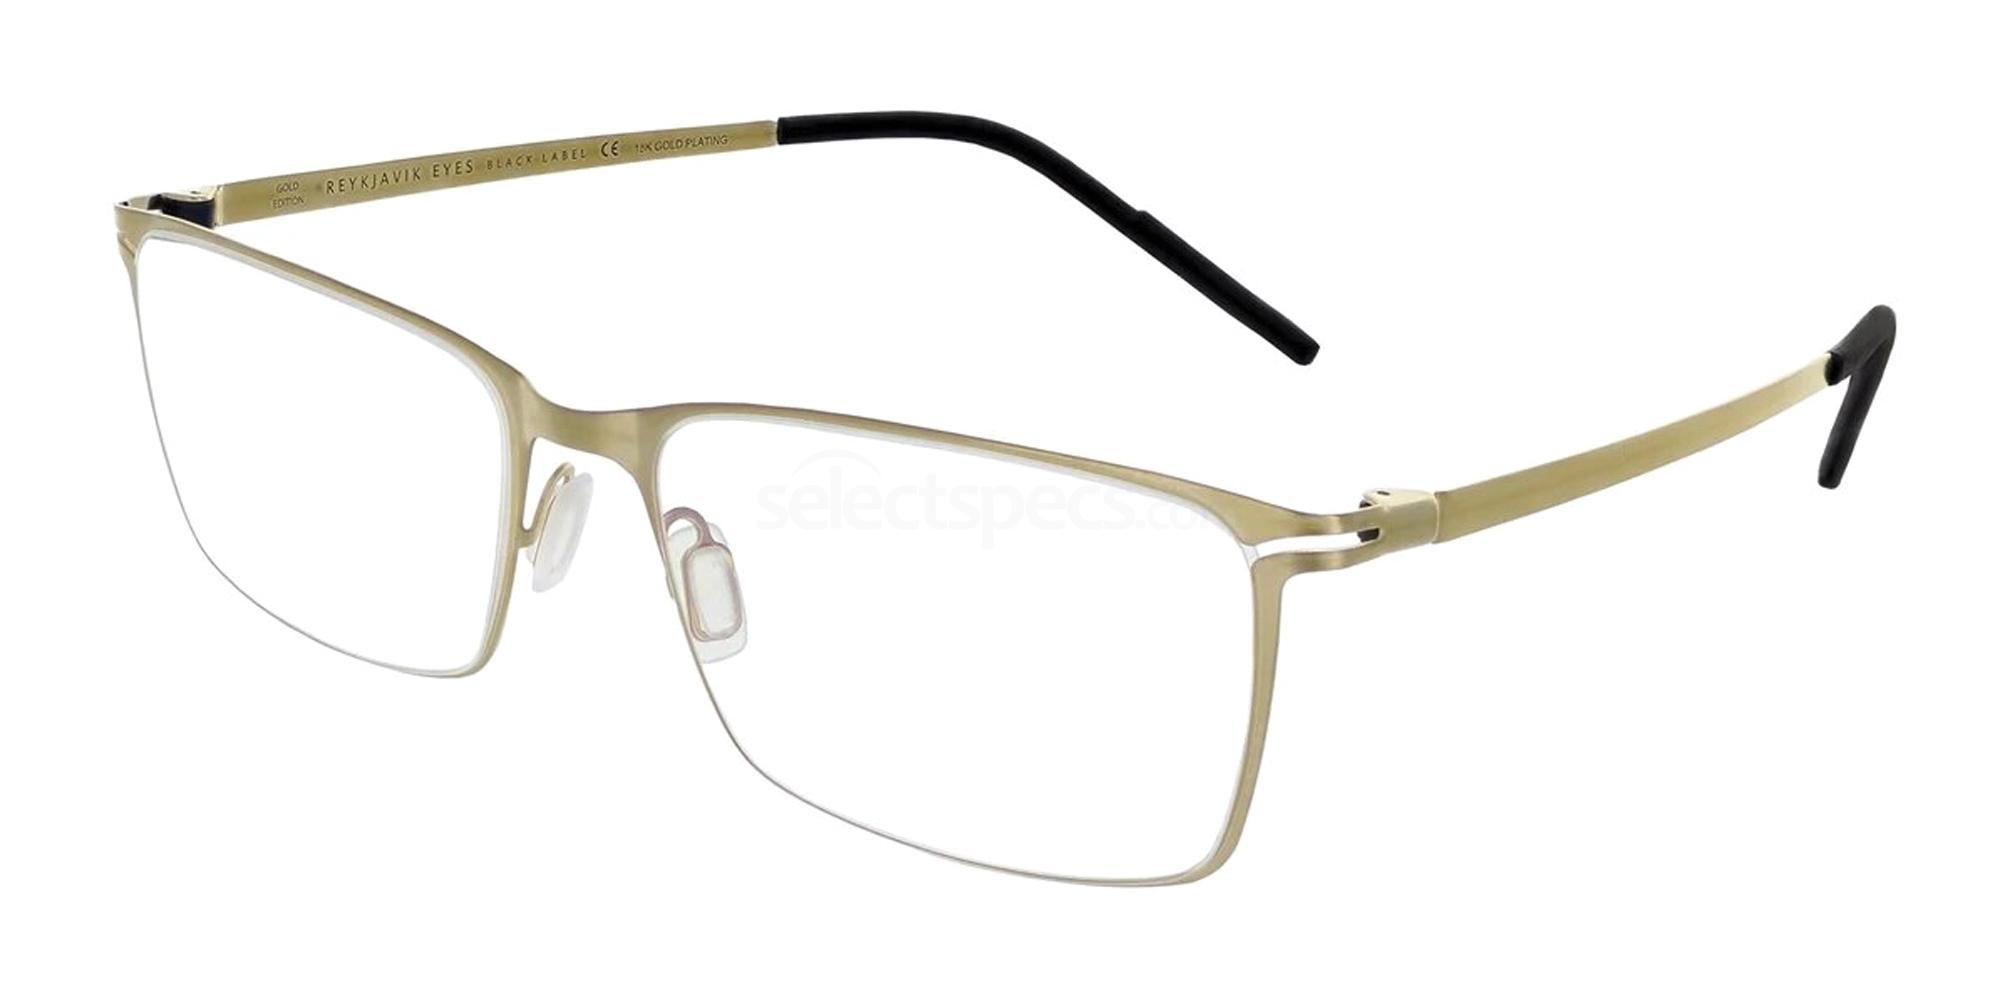 REG/ELD1 ELDFELL GOLD EDITION Glasses, Reykjavik Eyes Black Label